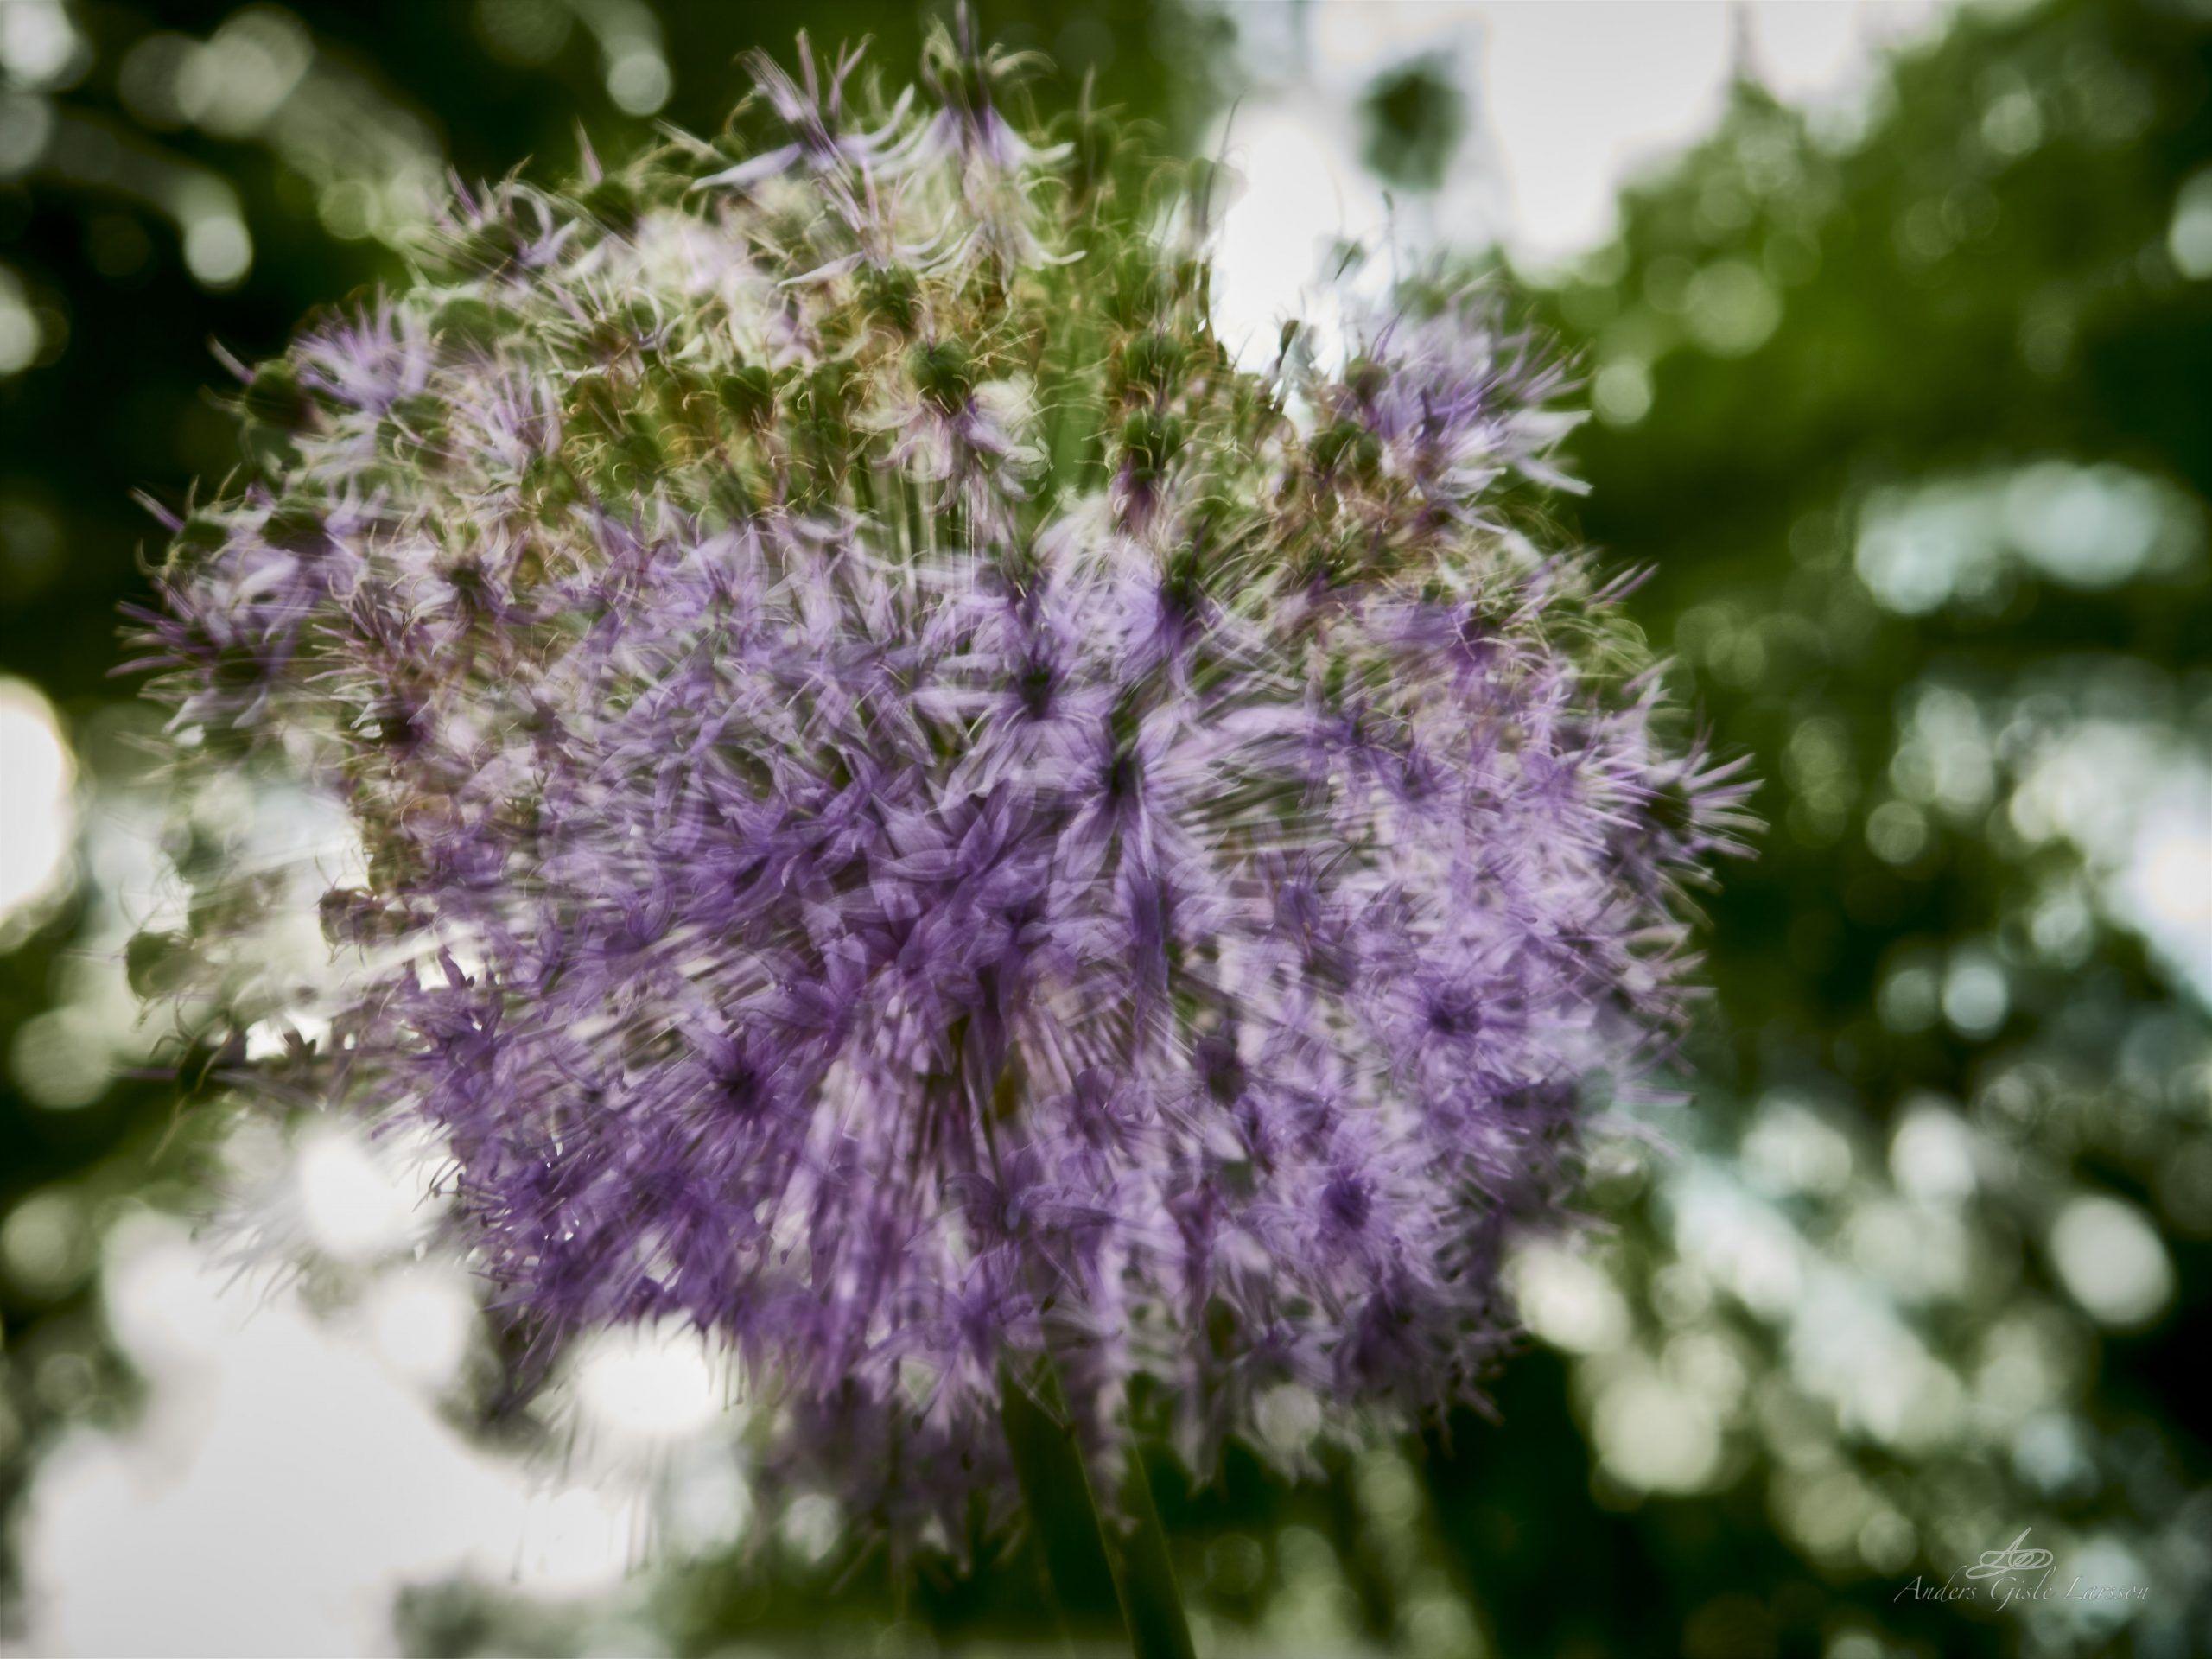 Blomsterskud